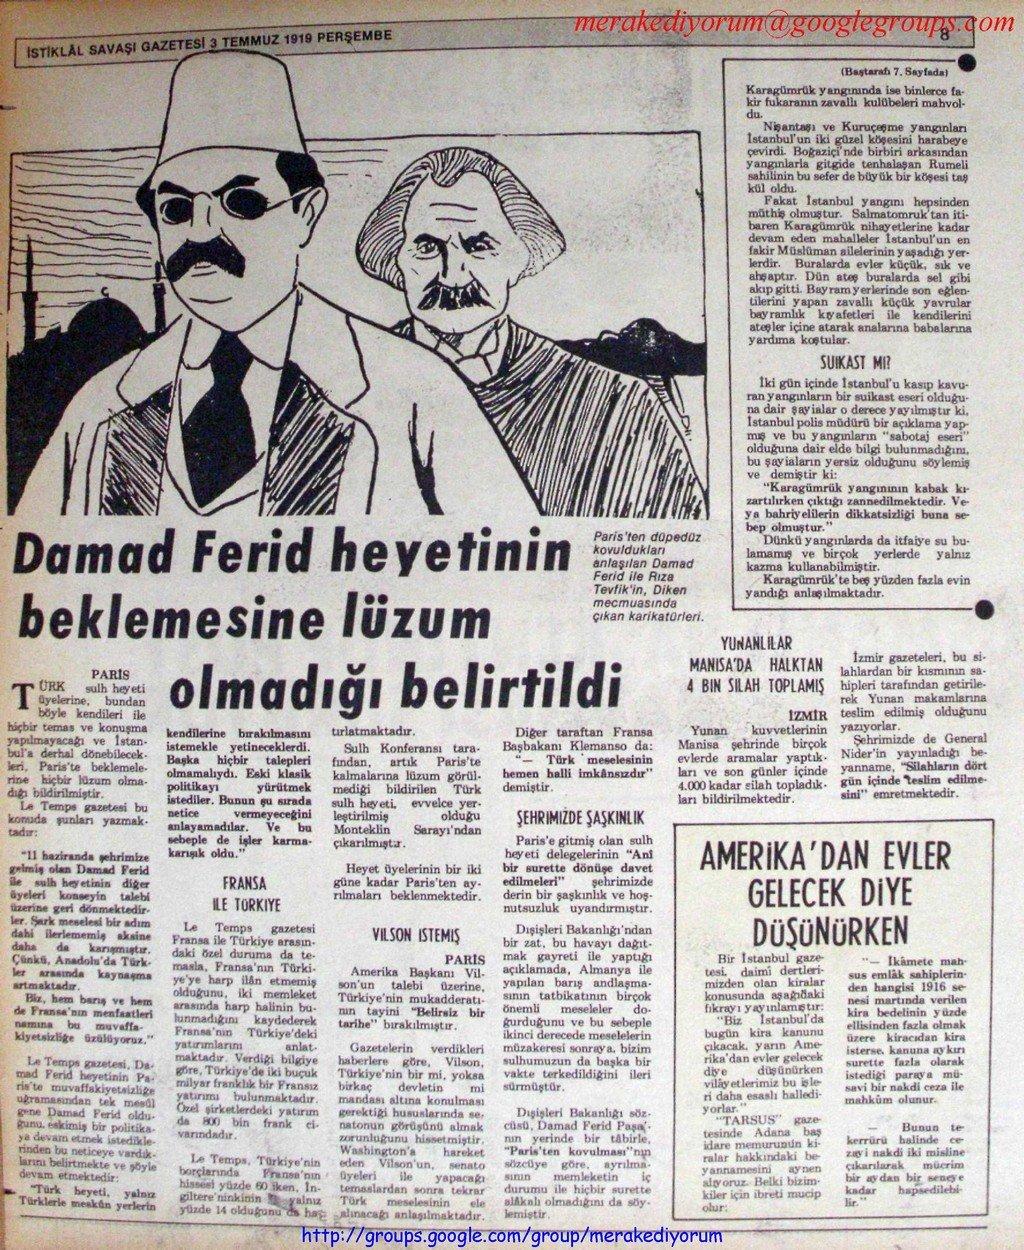 istiklal savaşı gazetesi - 3 temmuz 1919